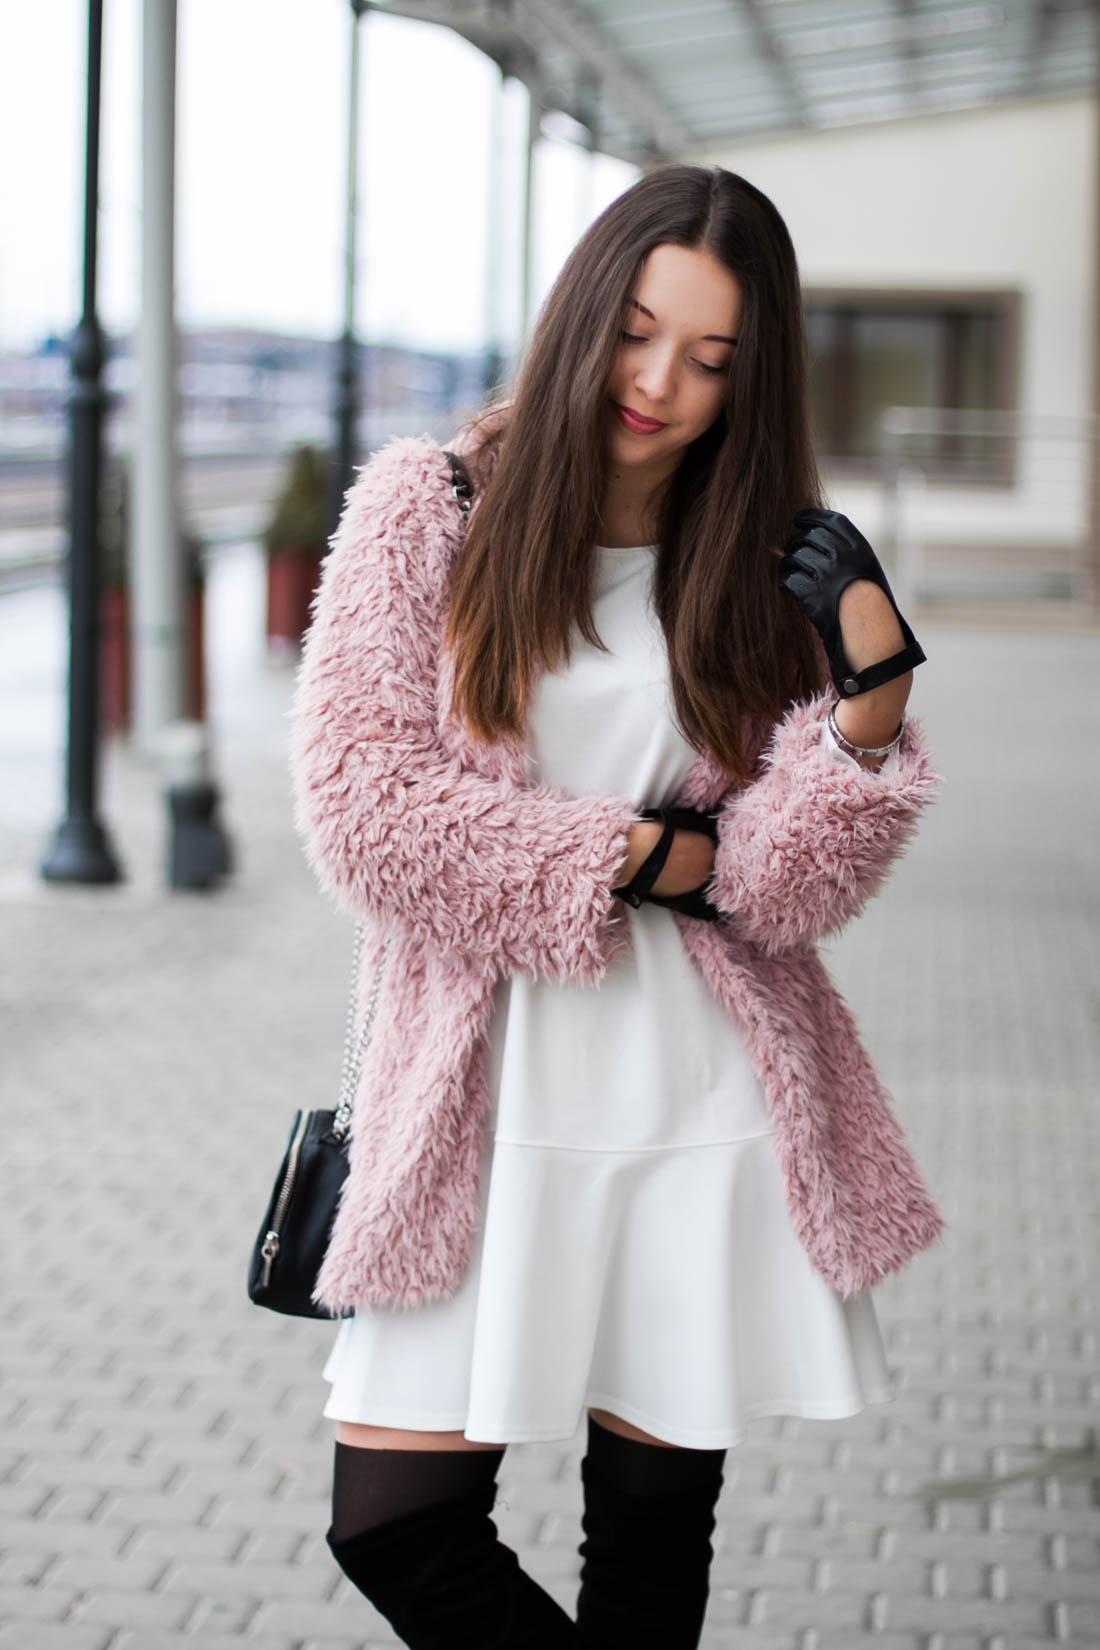 różowy płaszcz futro sheinside